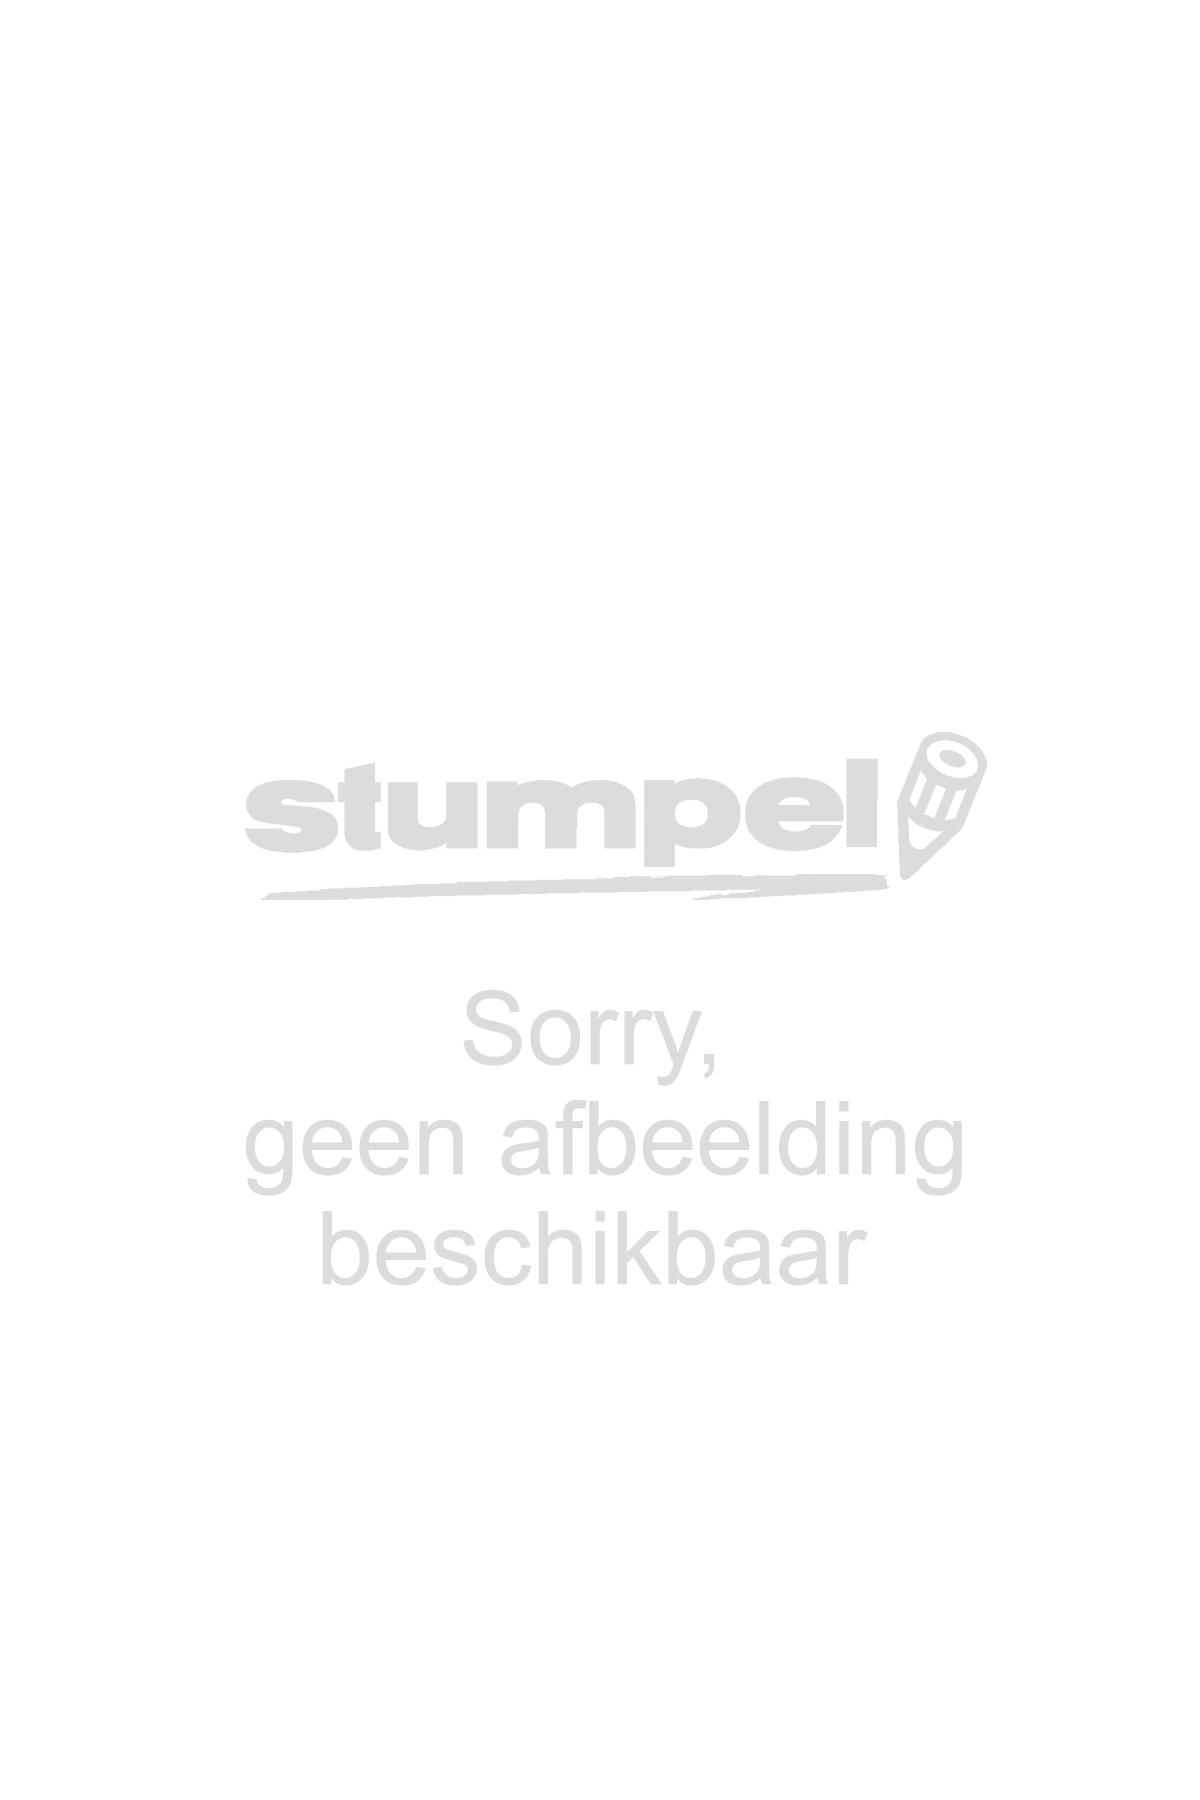 Adresboek / Telefoonklapper A5 4-rings Verhaak